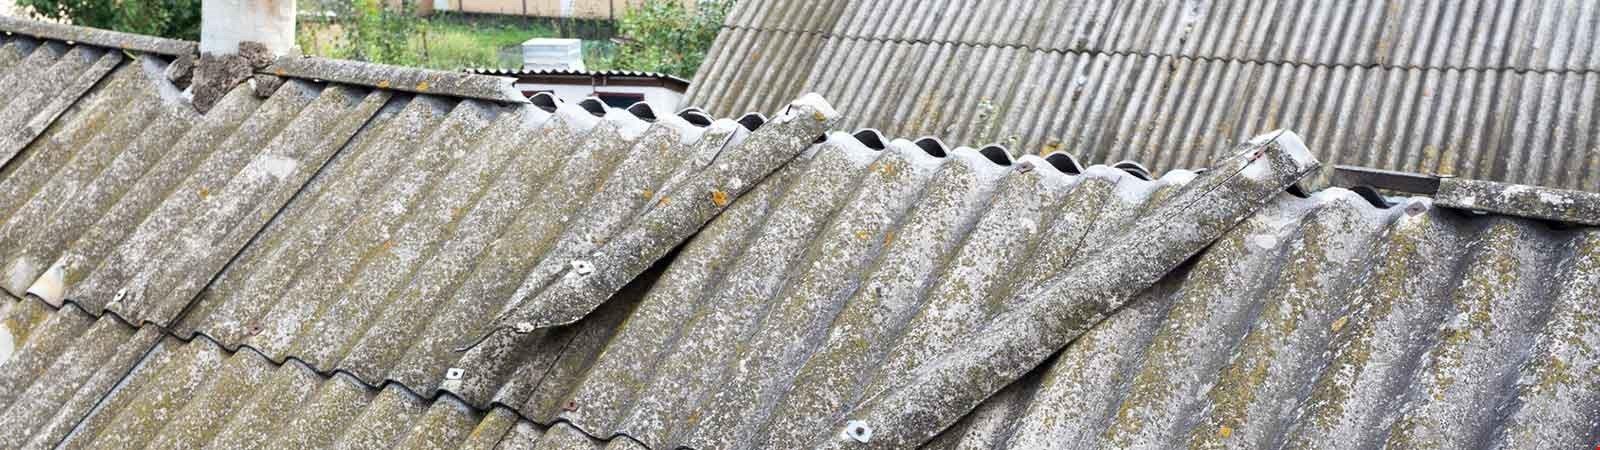 Asbest erkennen: Schätzen Sie das Risiko bei der Altbausanierung richtig ein